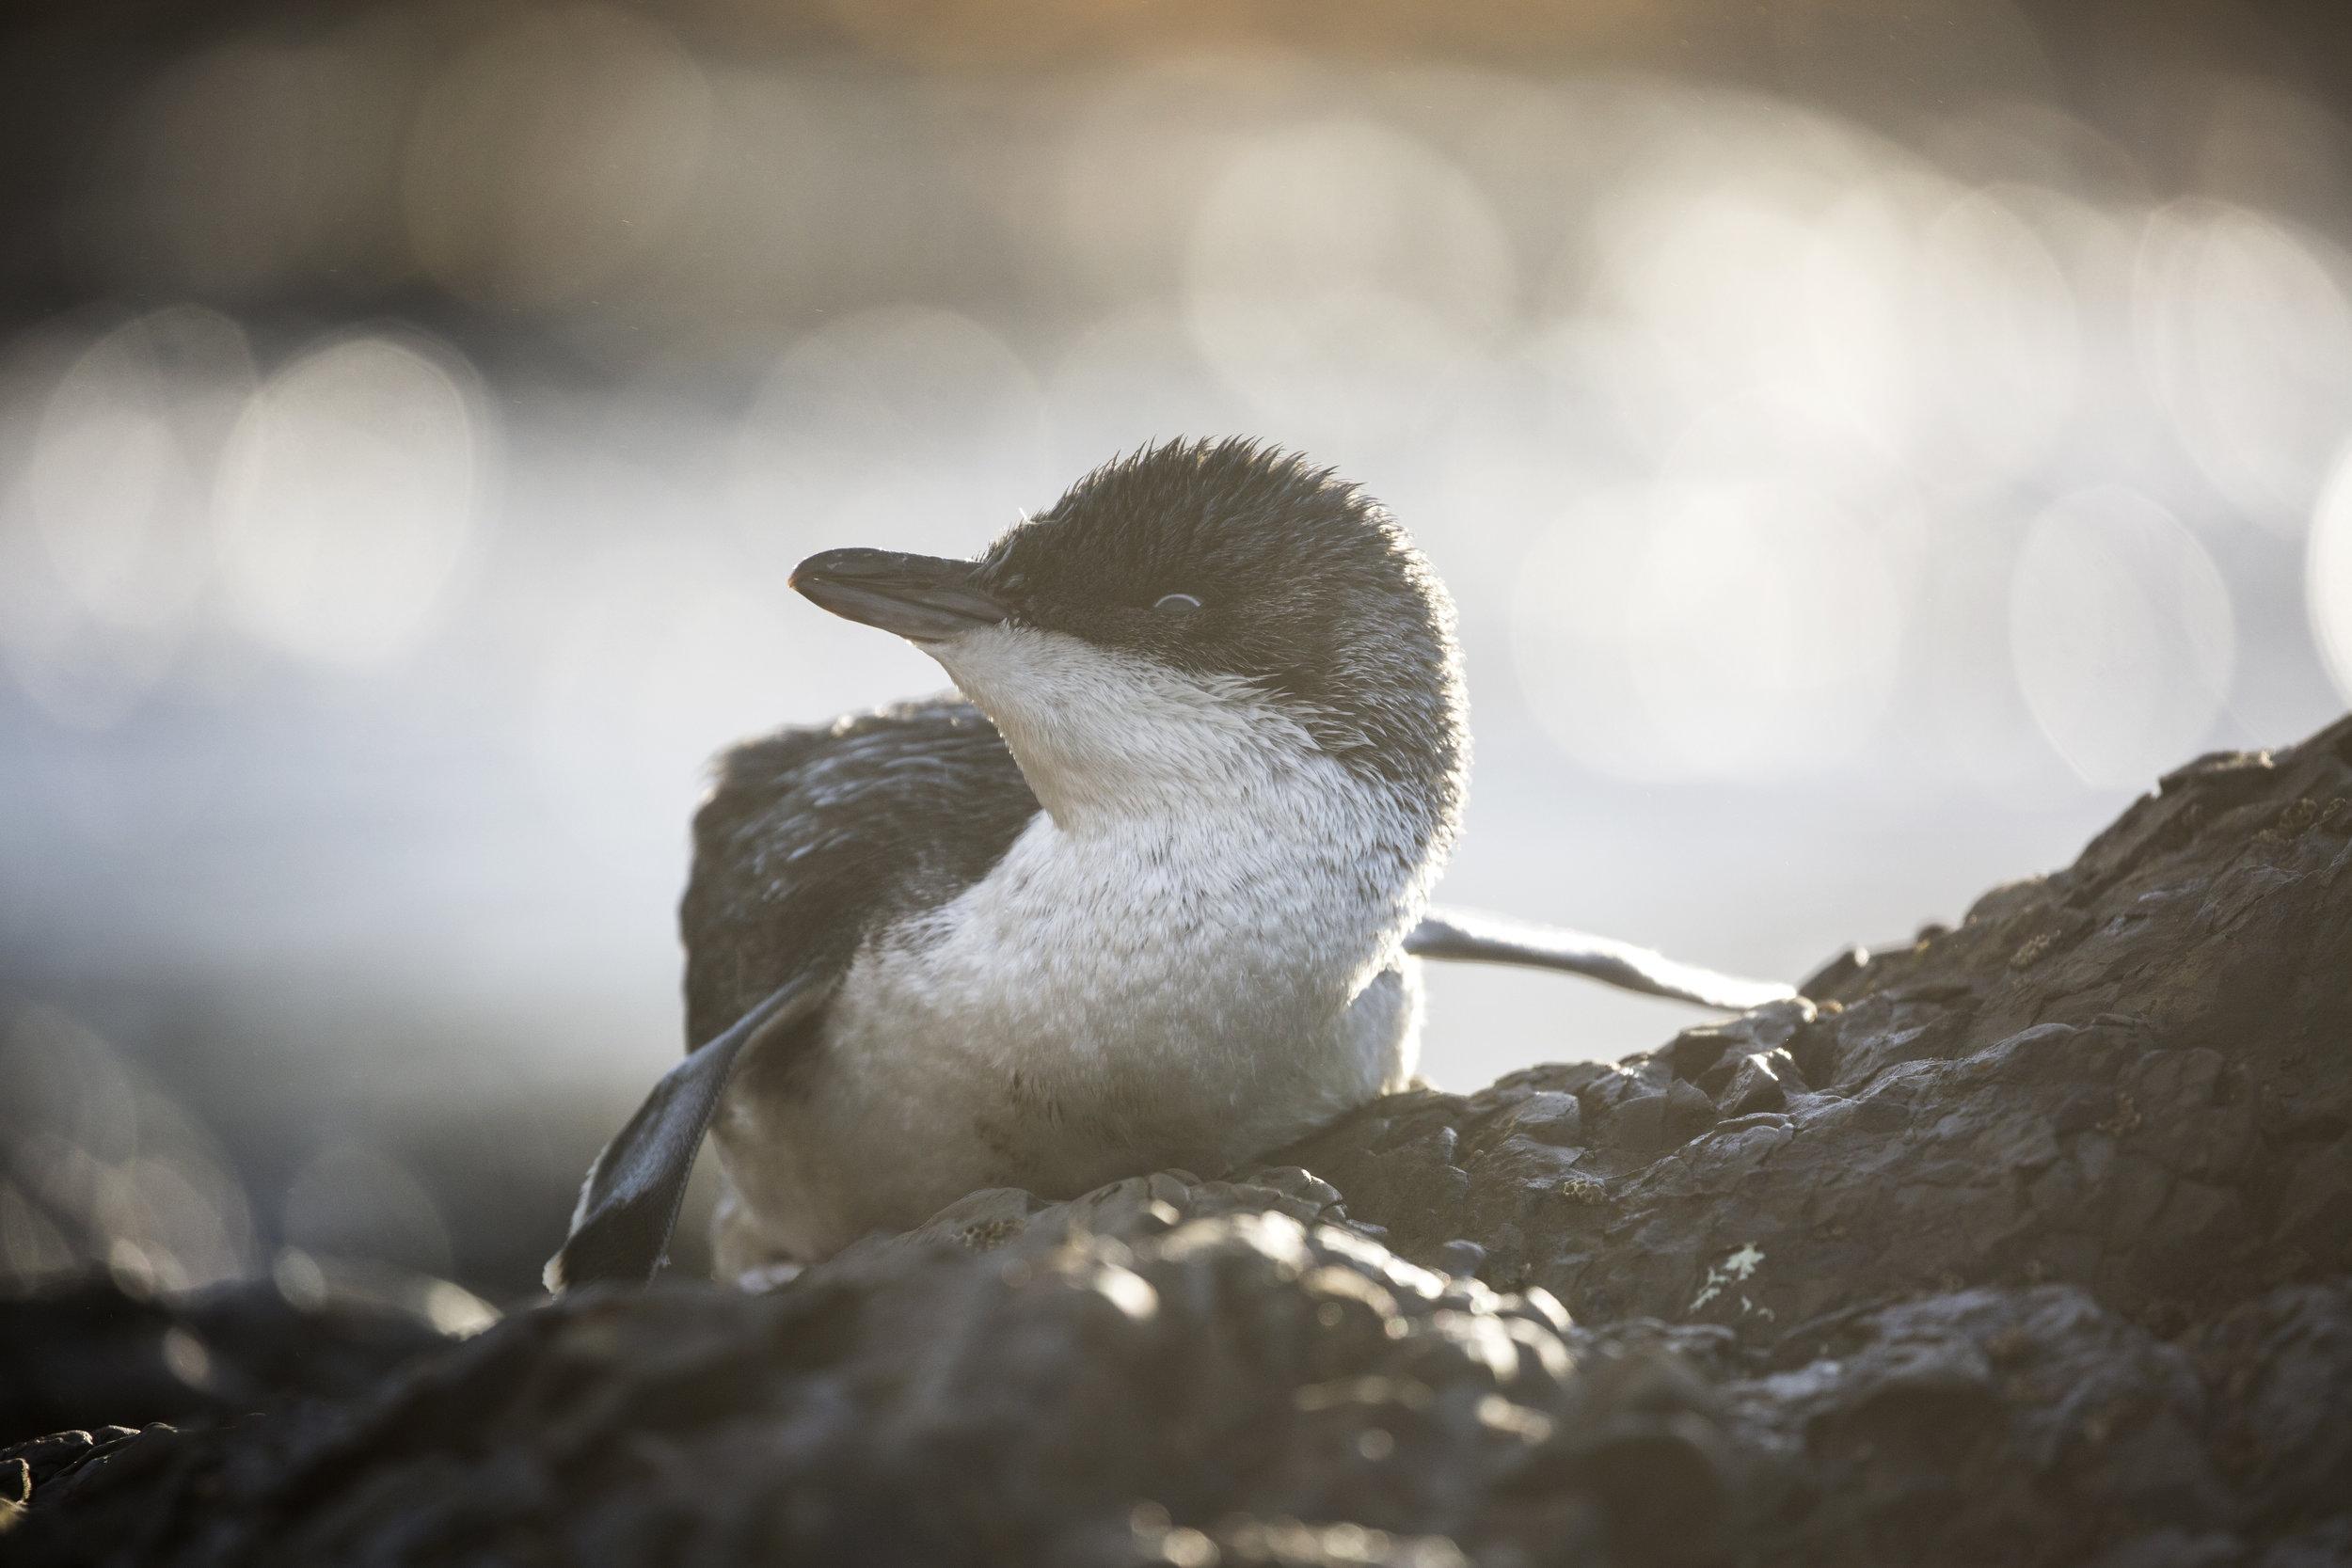 Little blue penguin - the smallest penguin in the world!